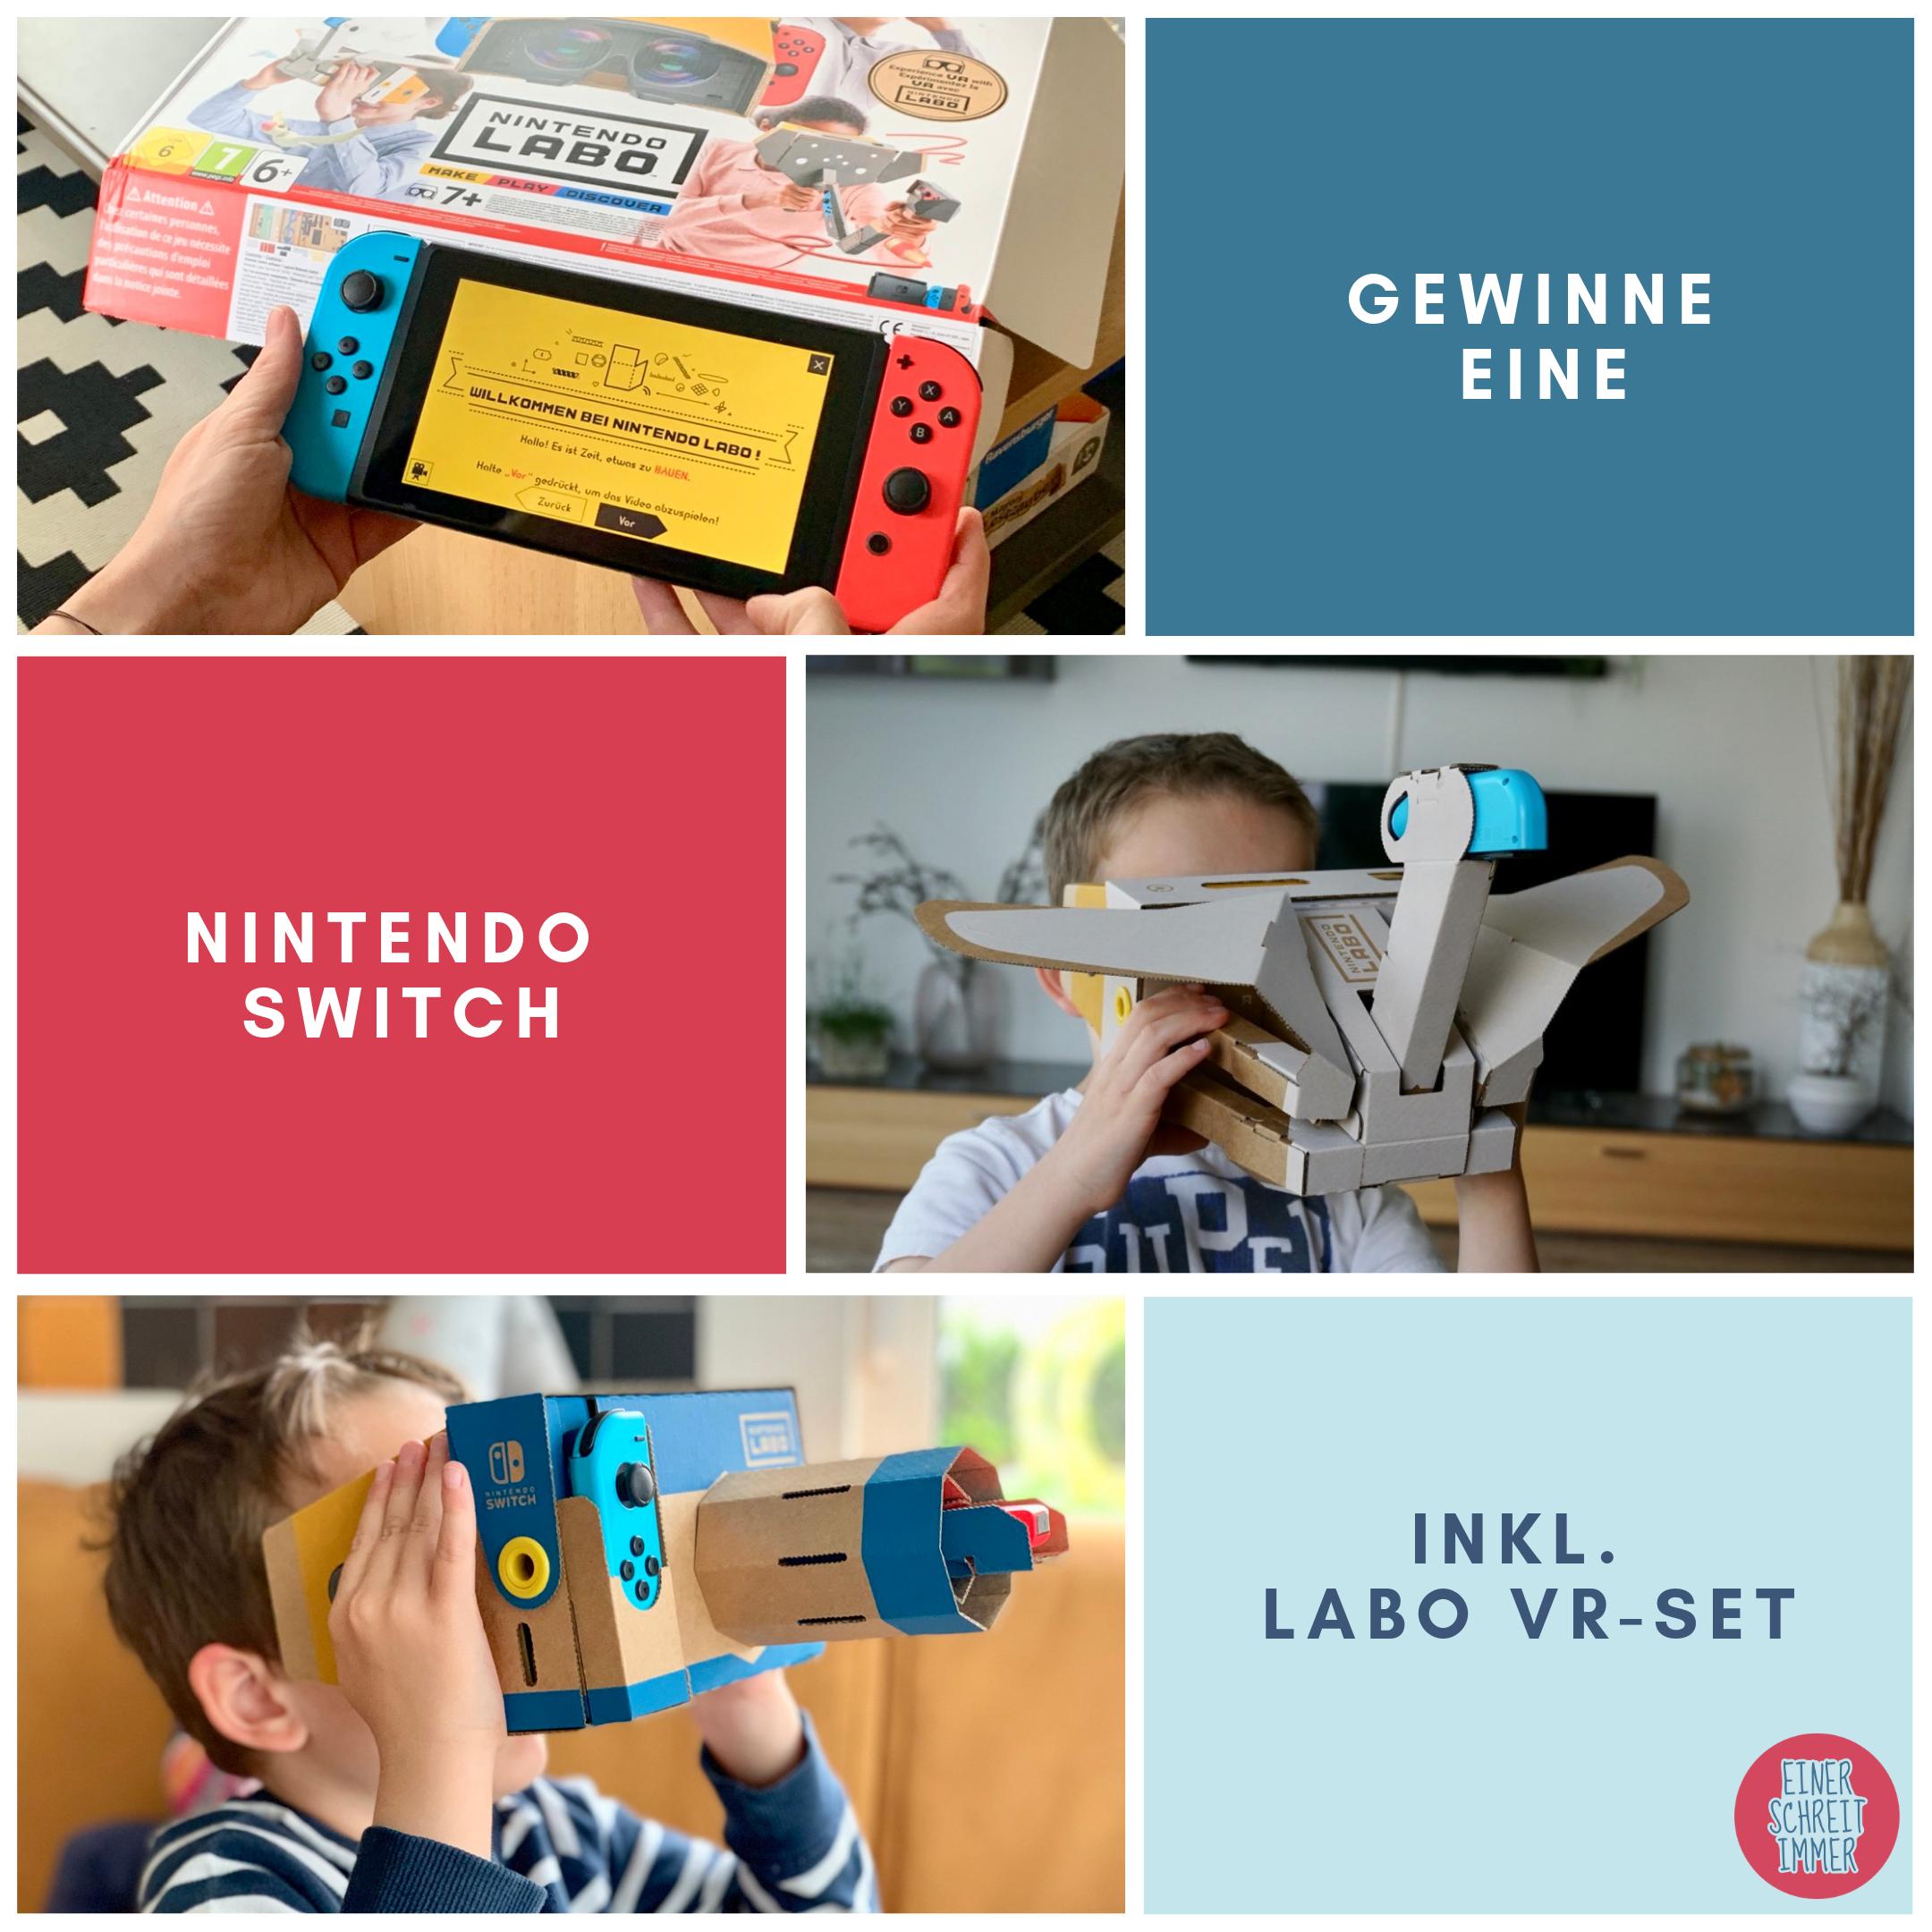 Gewinne eine Nintendo Switch